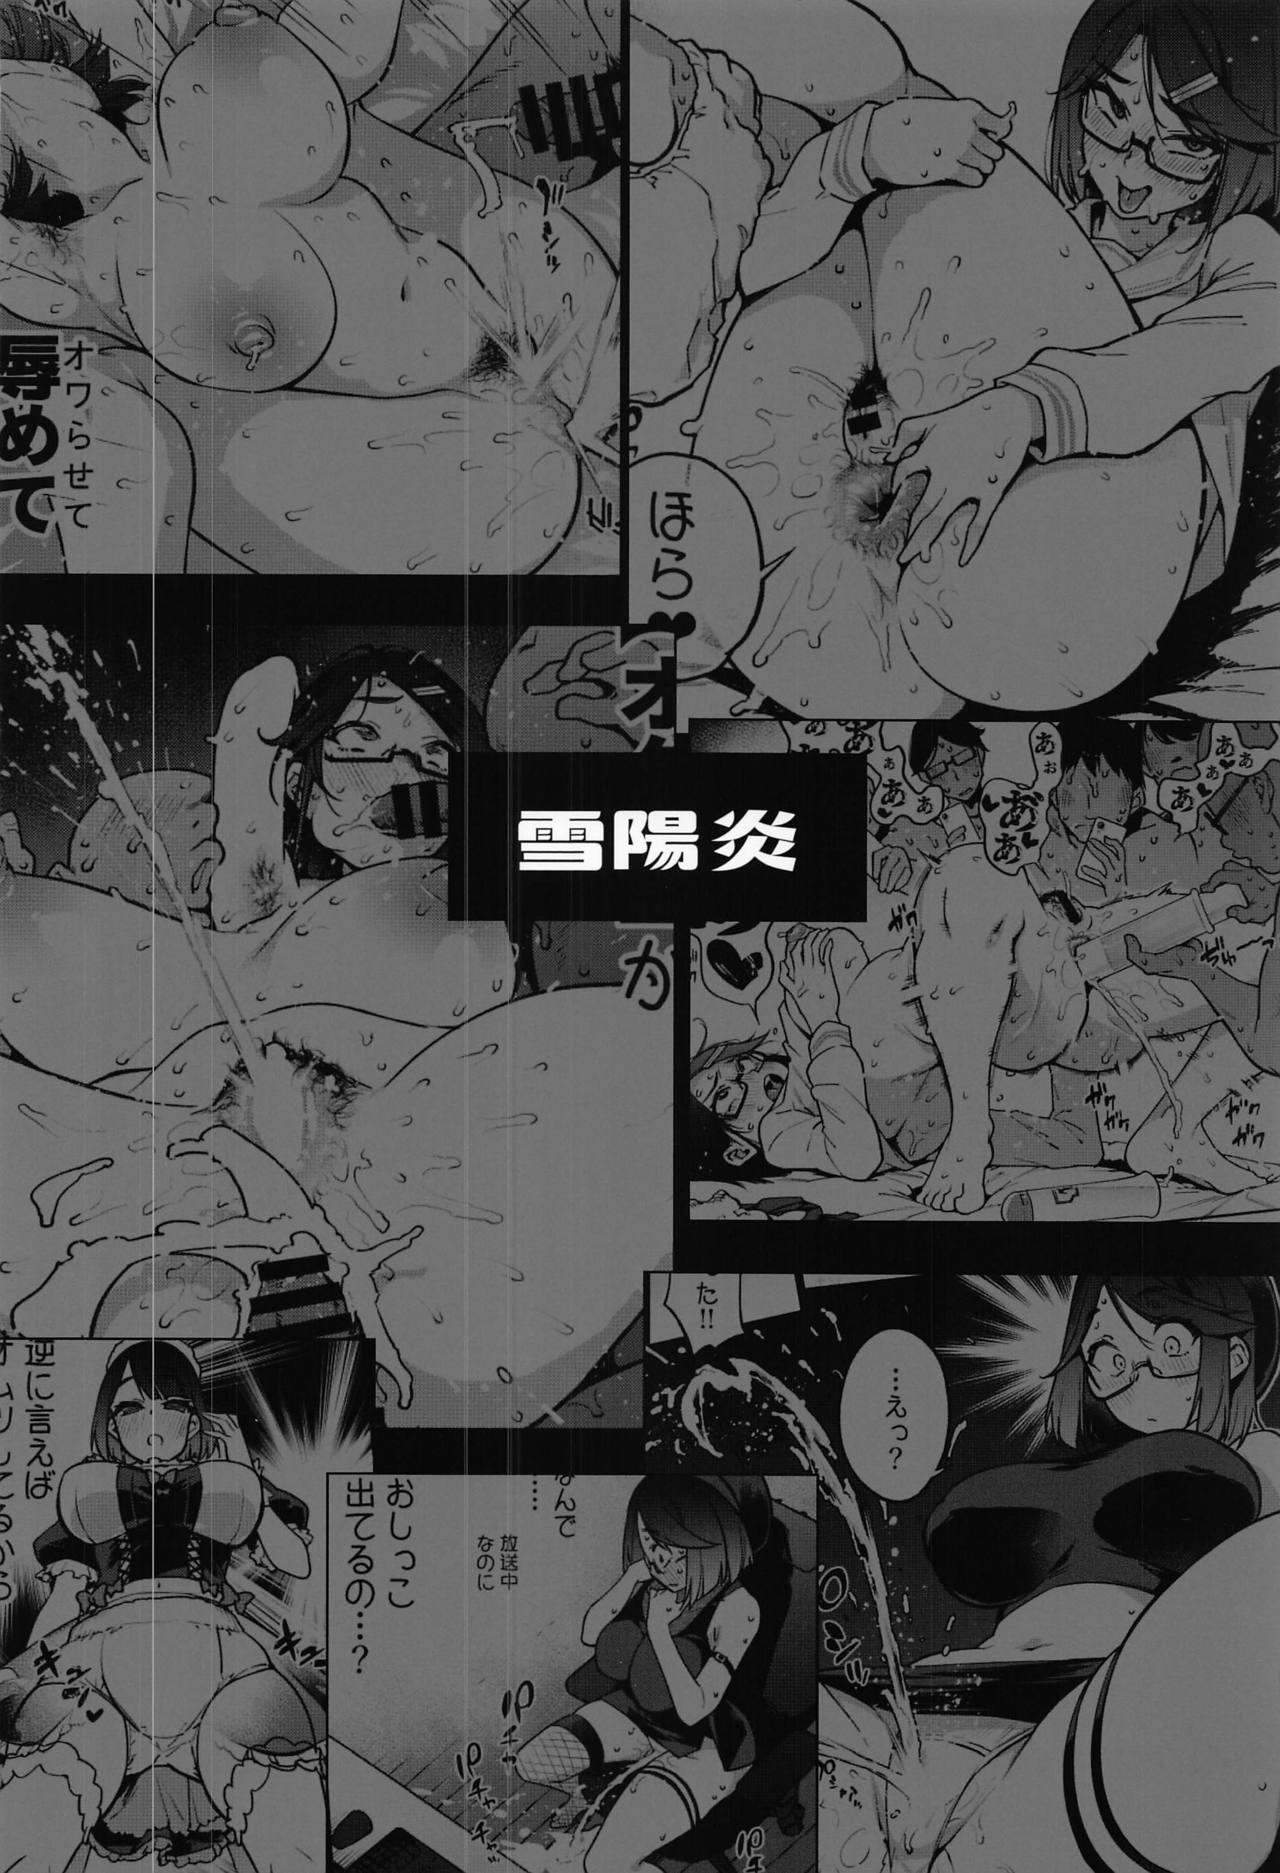 Haishin Haisetsu Chuudoku Zecchou Shou 21